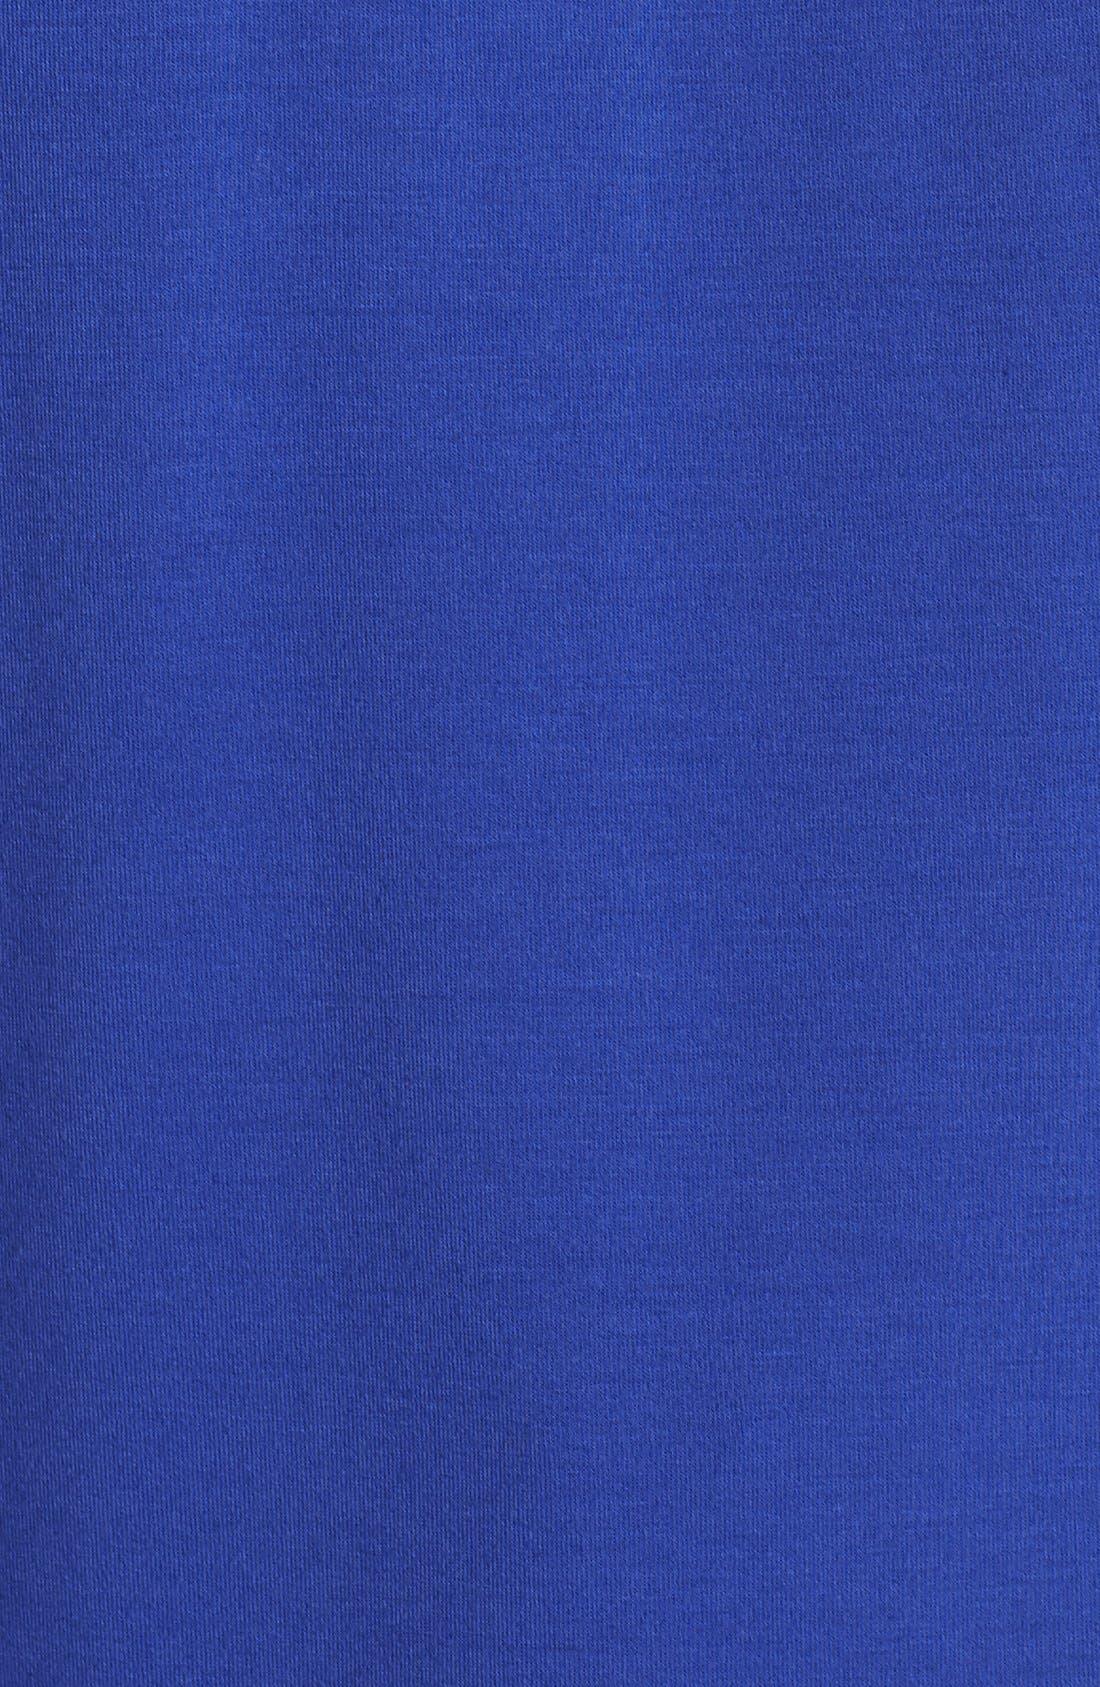 Three-Quarter Sleeve Tee,                             Alternate thumbnail 30, color,